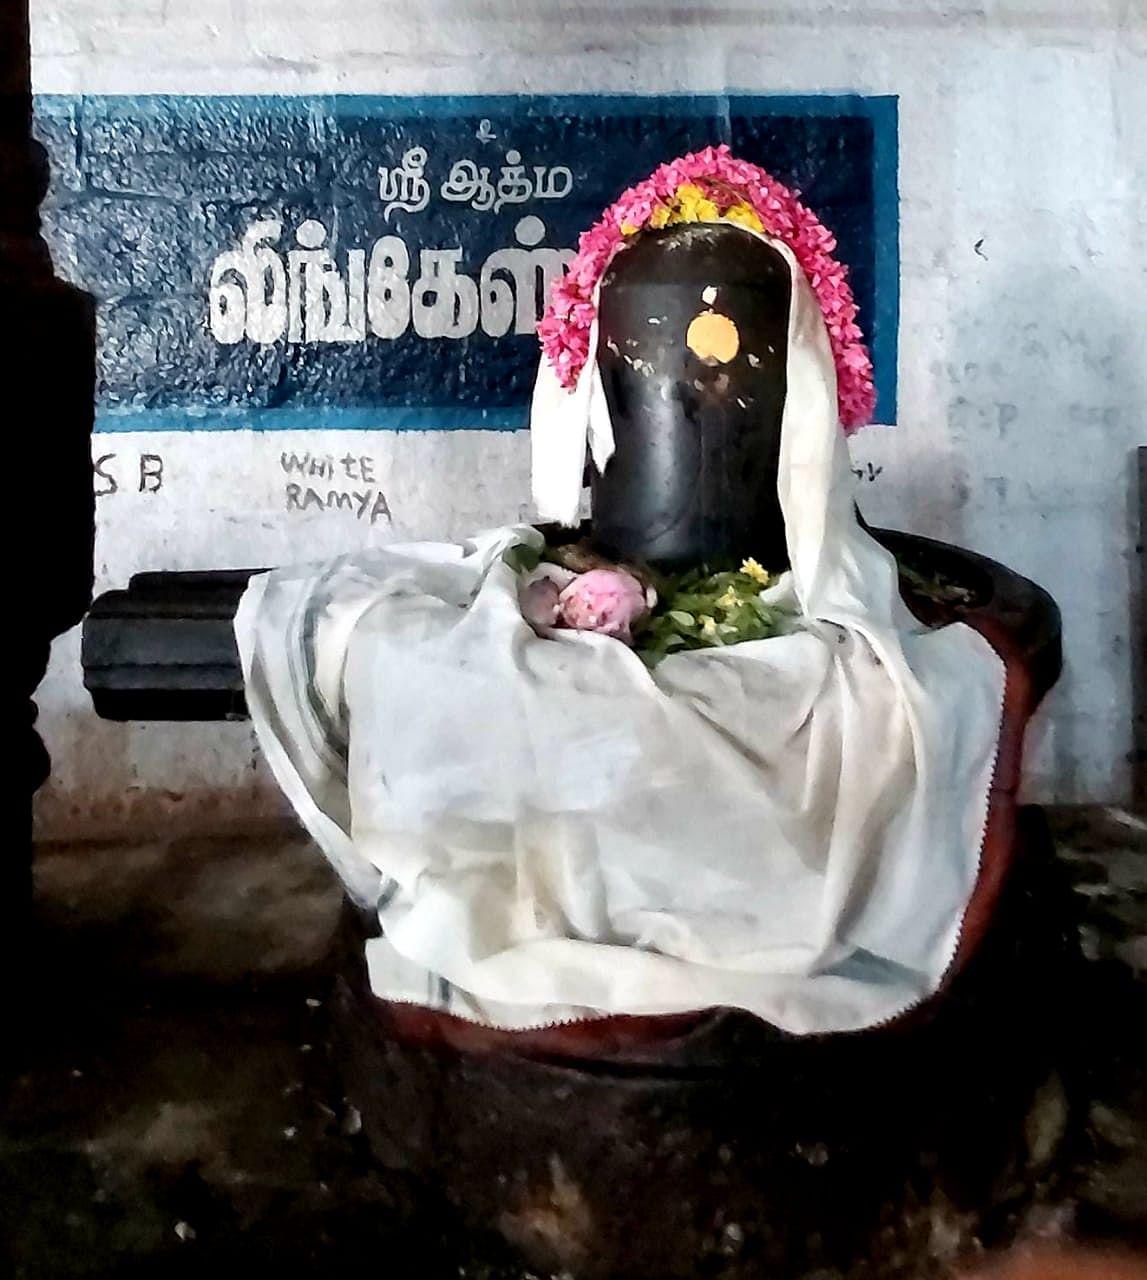 திருவிடைமருதூர் லிங்கேஸ்வரர்